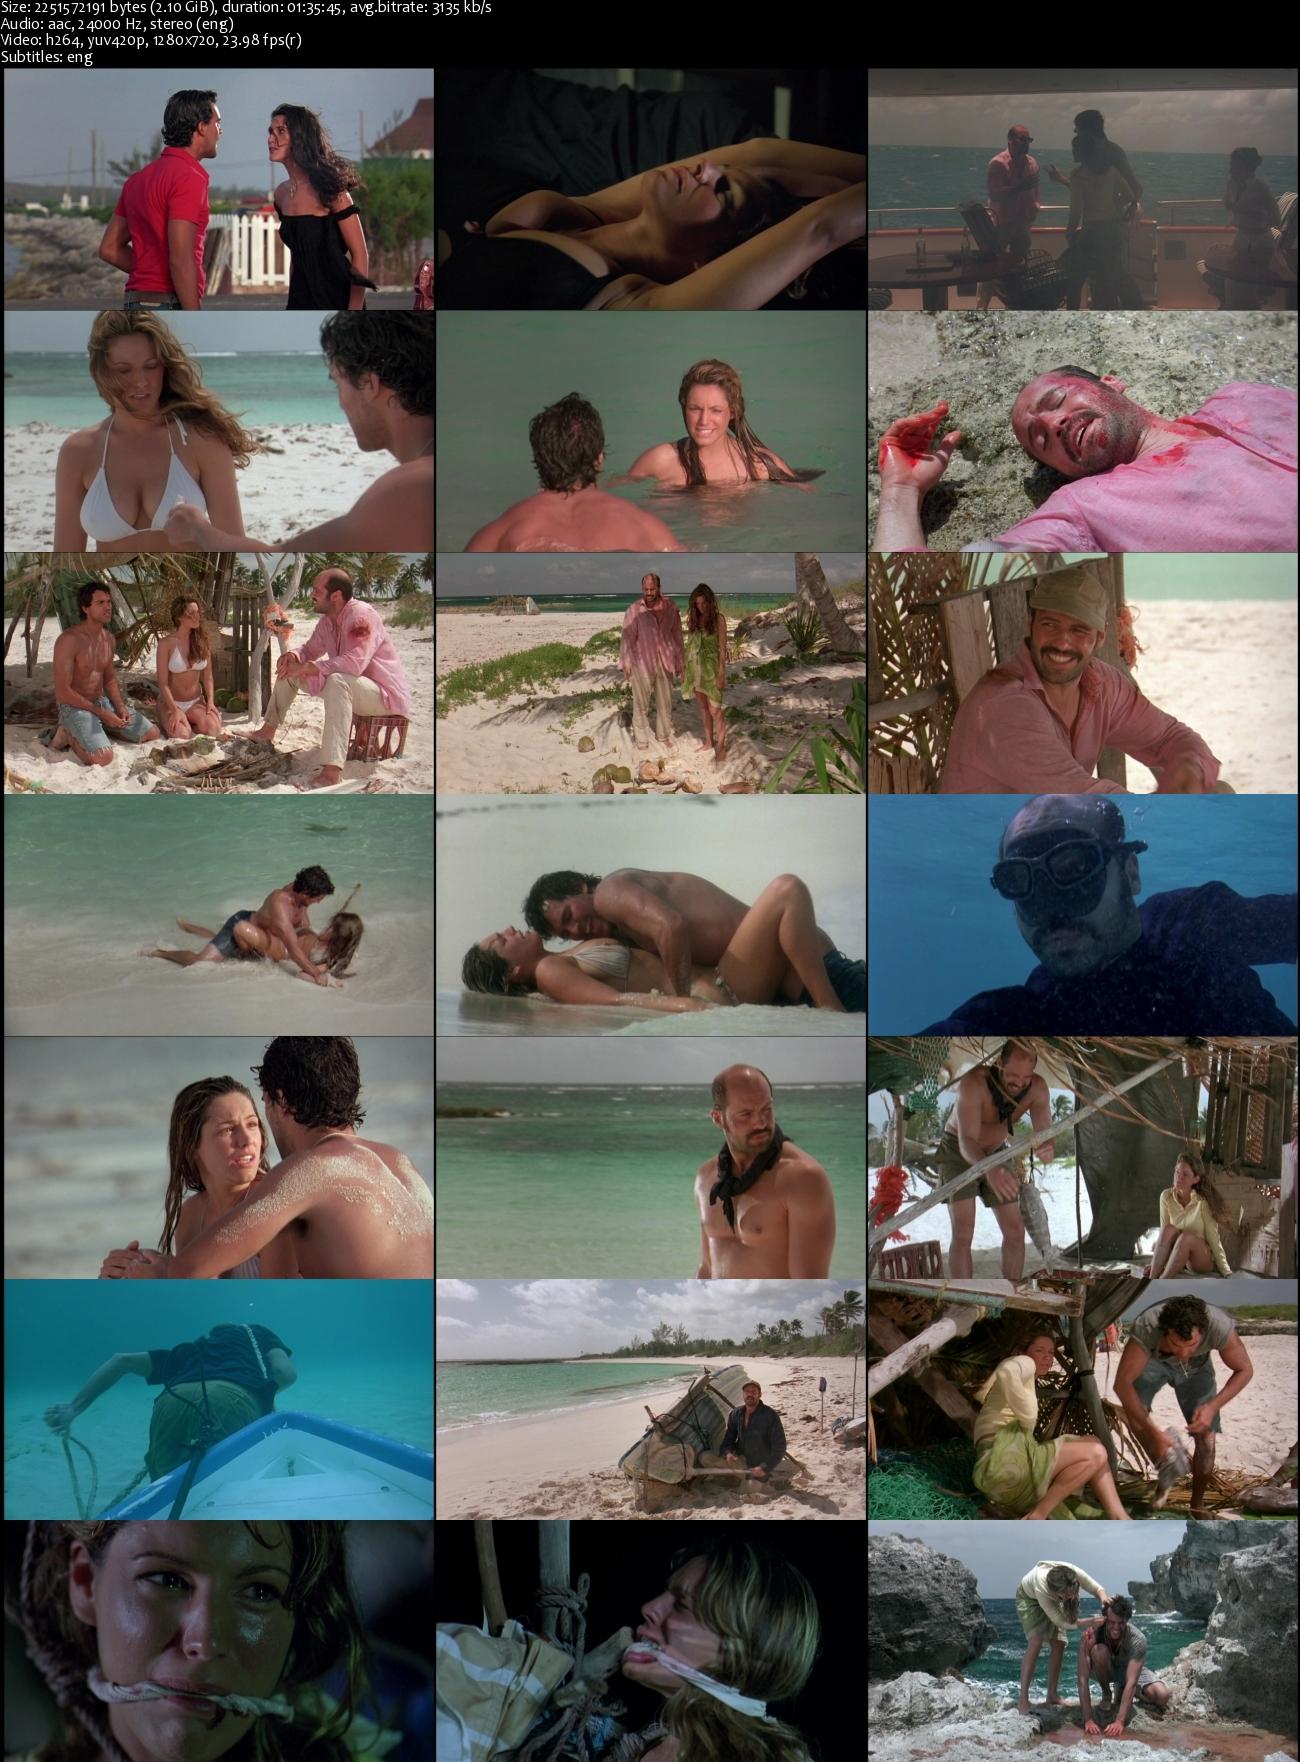 BL? survival island softcore porn